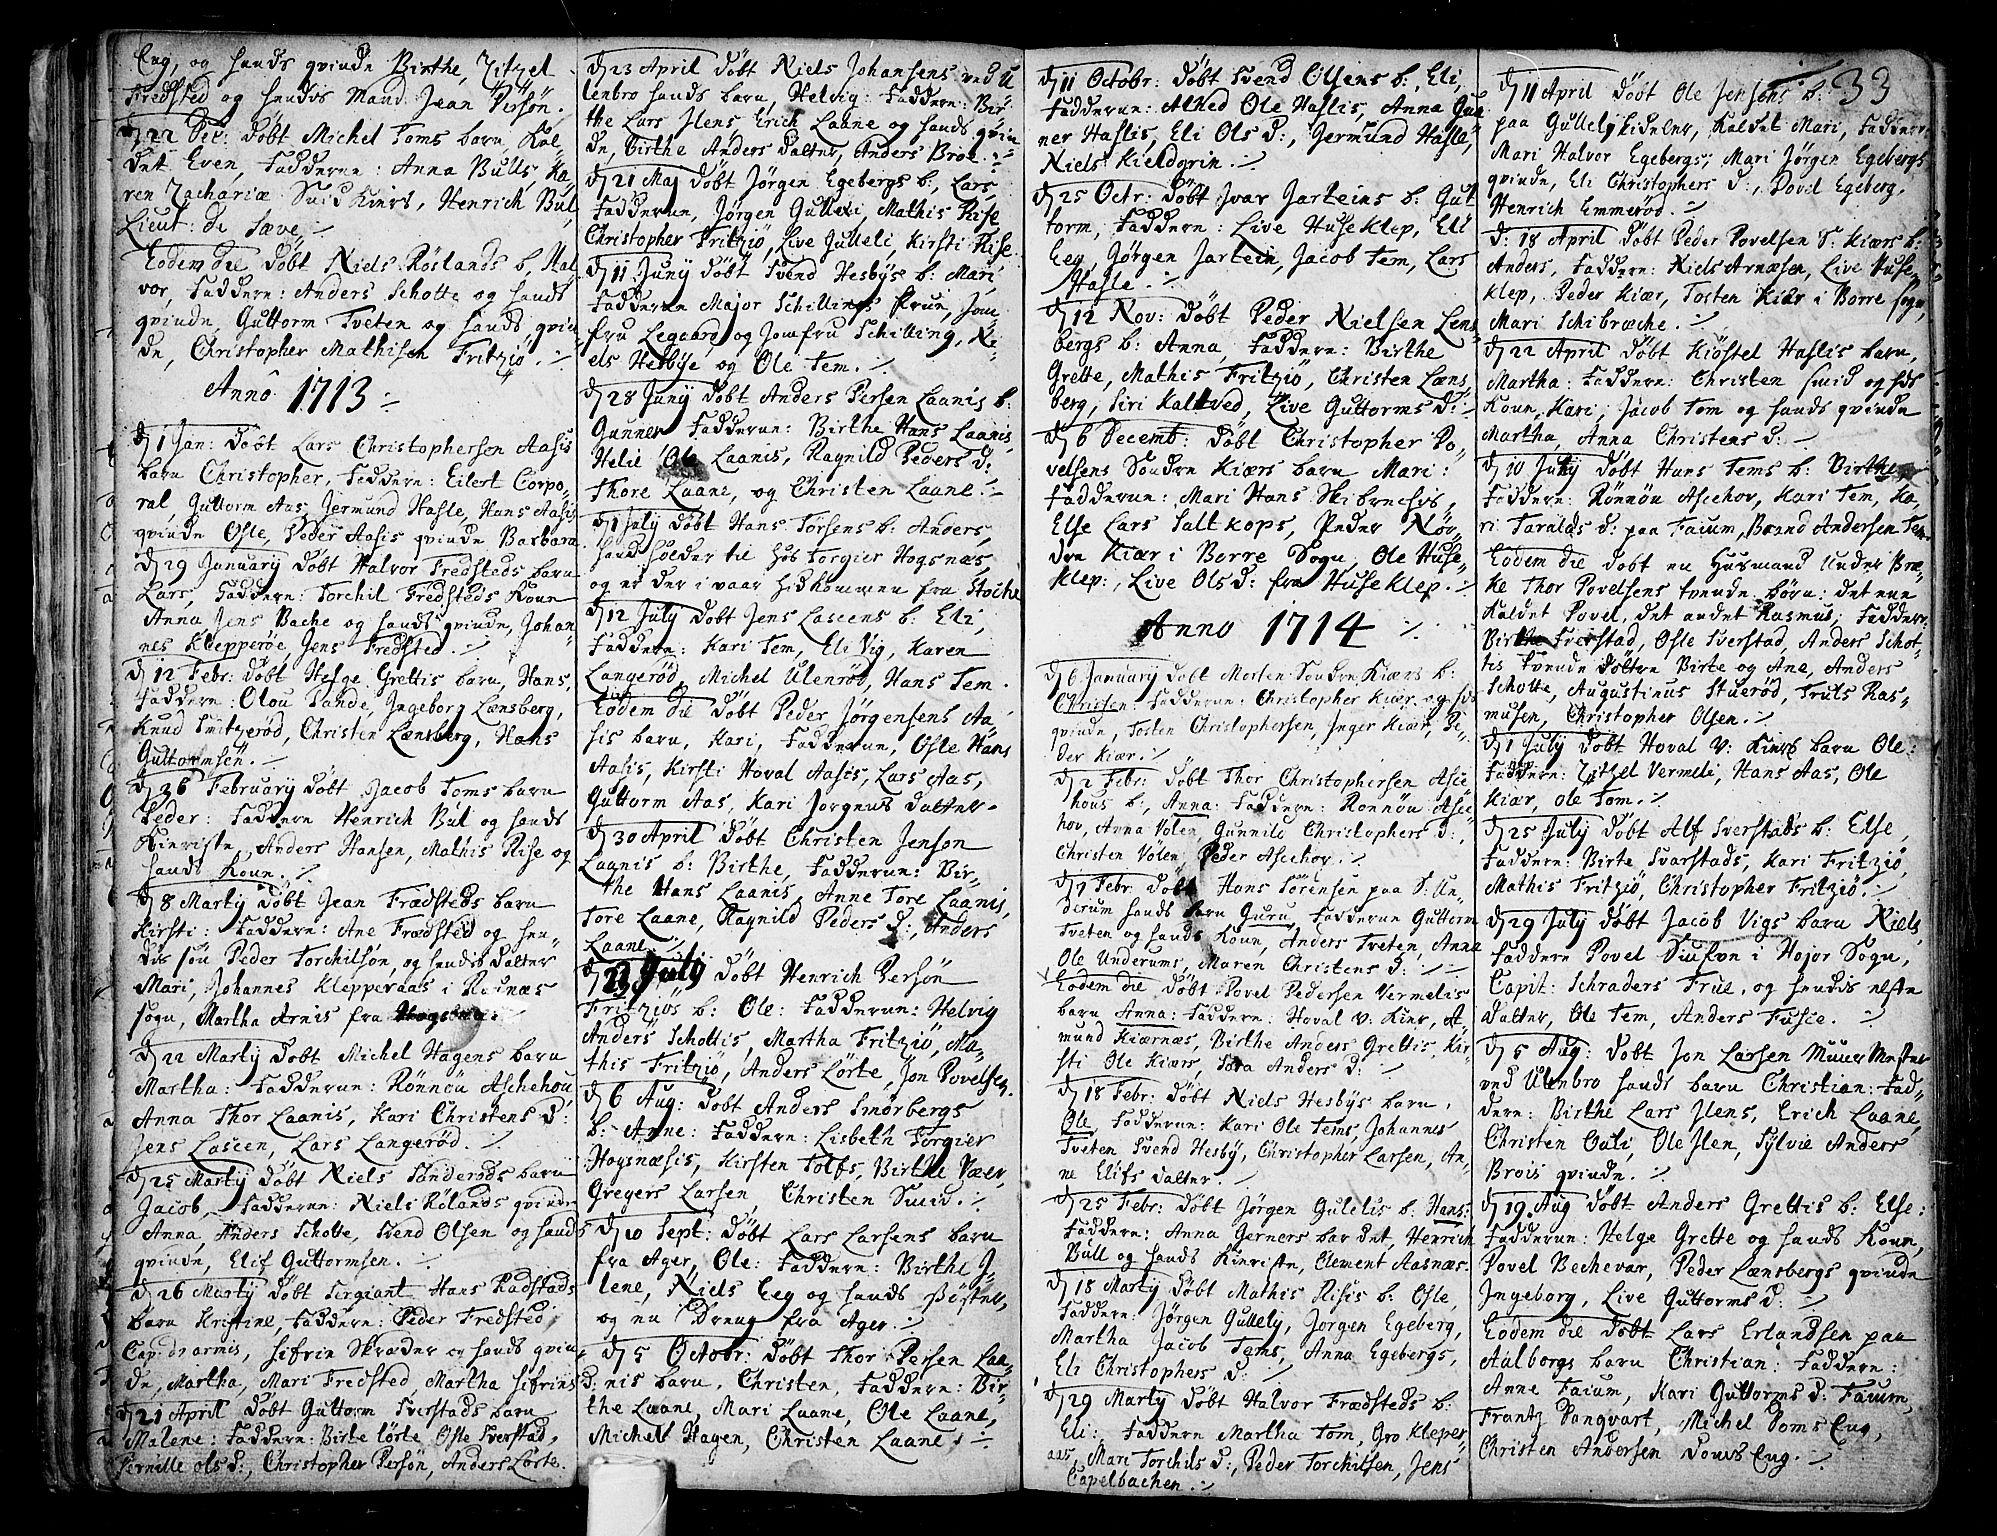 SAKO, Sem kirkebøker, F/Fa/L0001: Ministerialbok nr. I 1, 1702-1763, s. 33